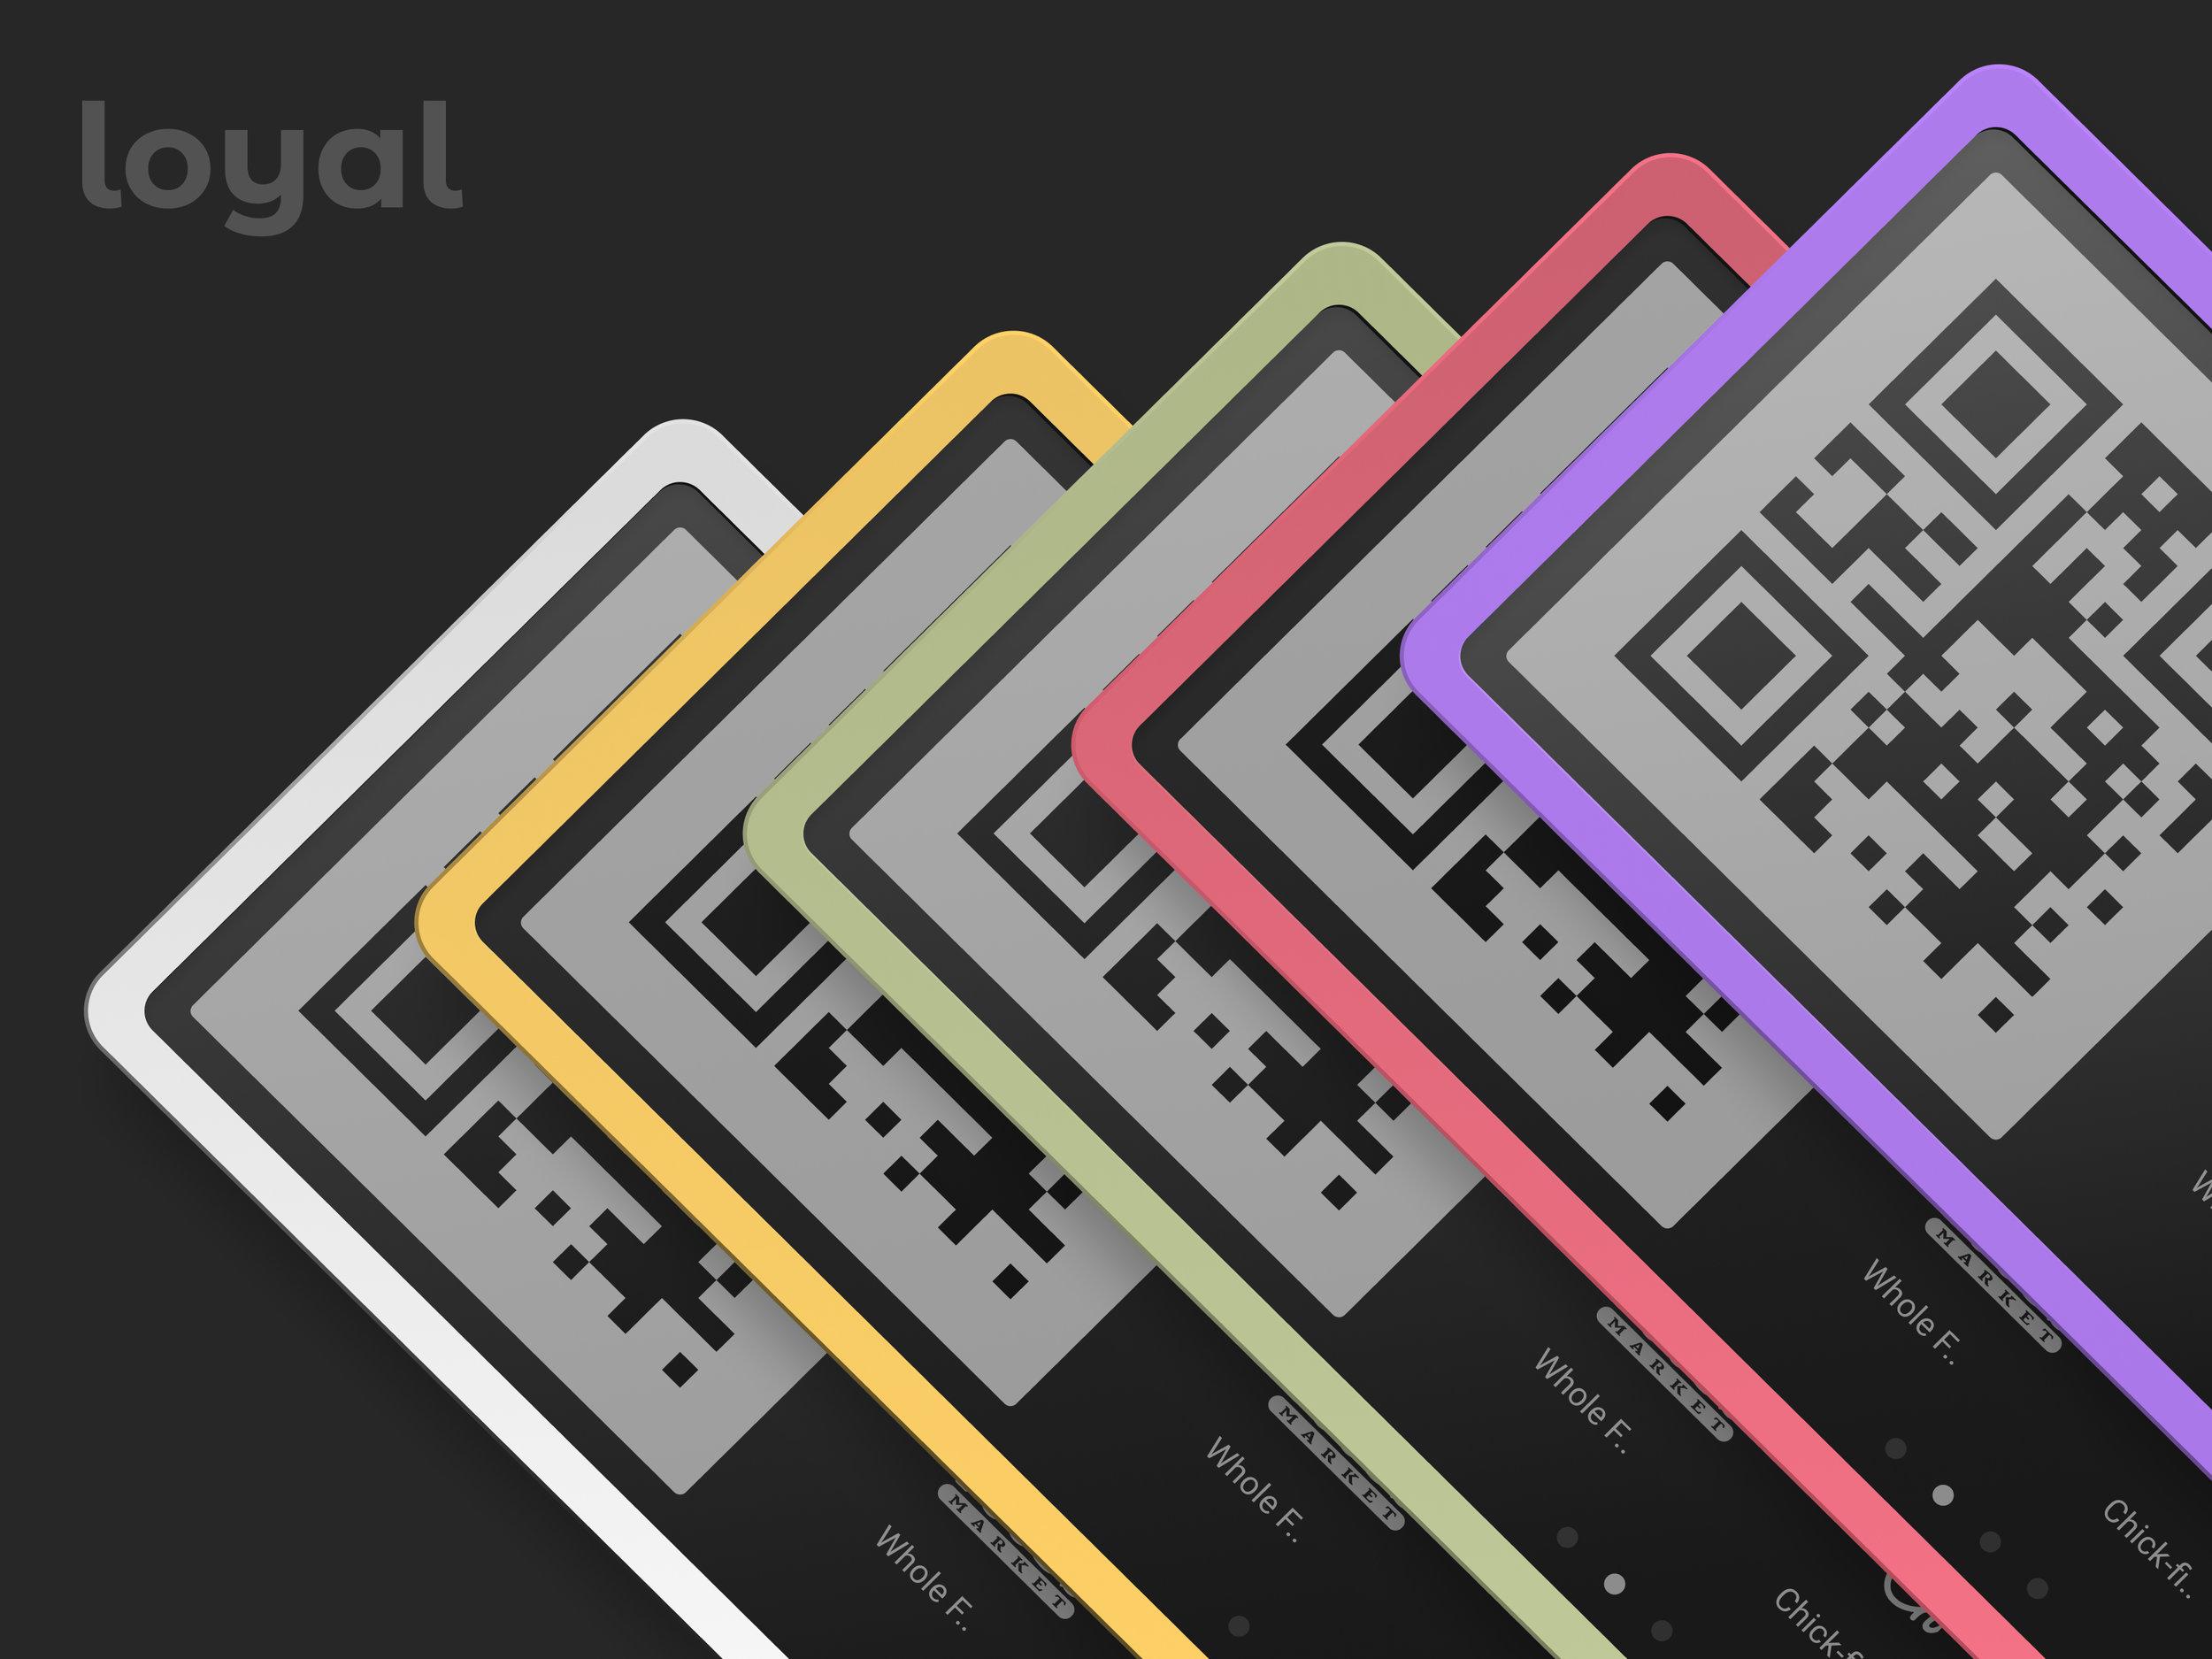 loyal_Colors.jpg